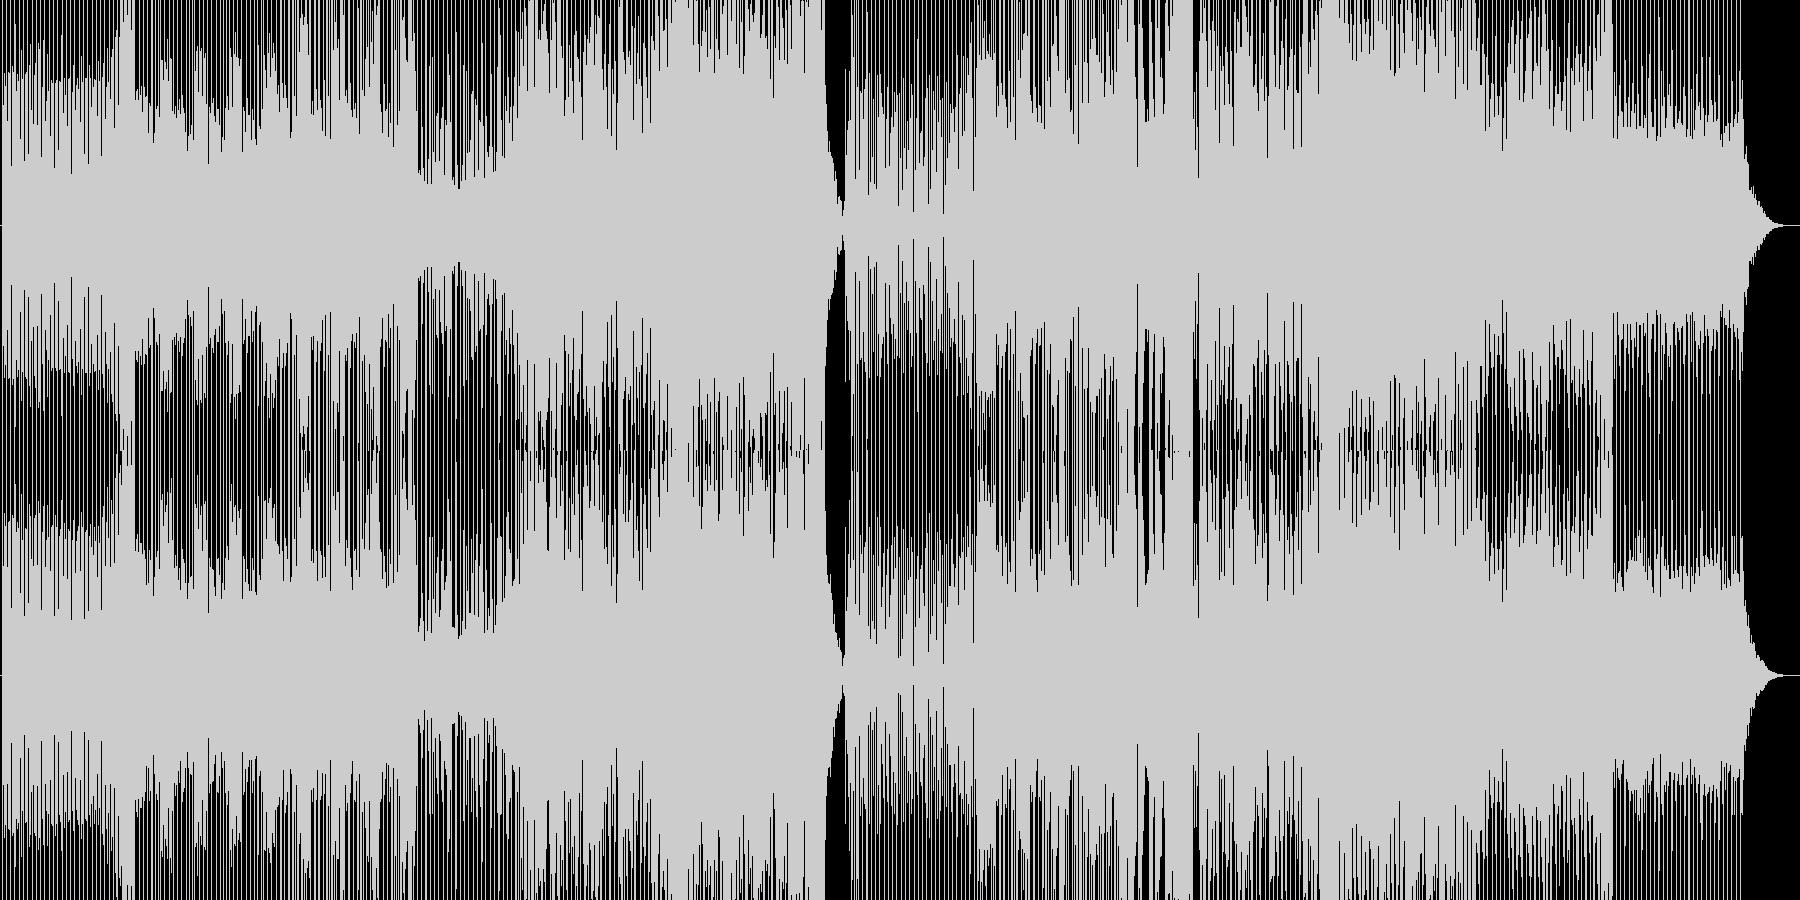 ダークな雰囲気のスタイリッシュなEDMの未再生の波形